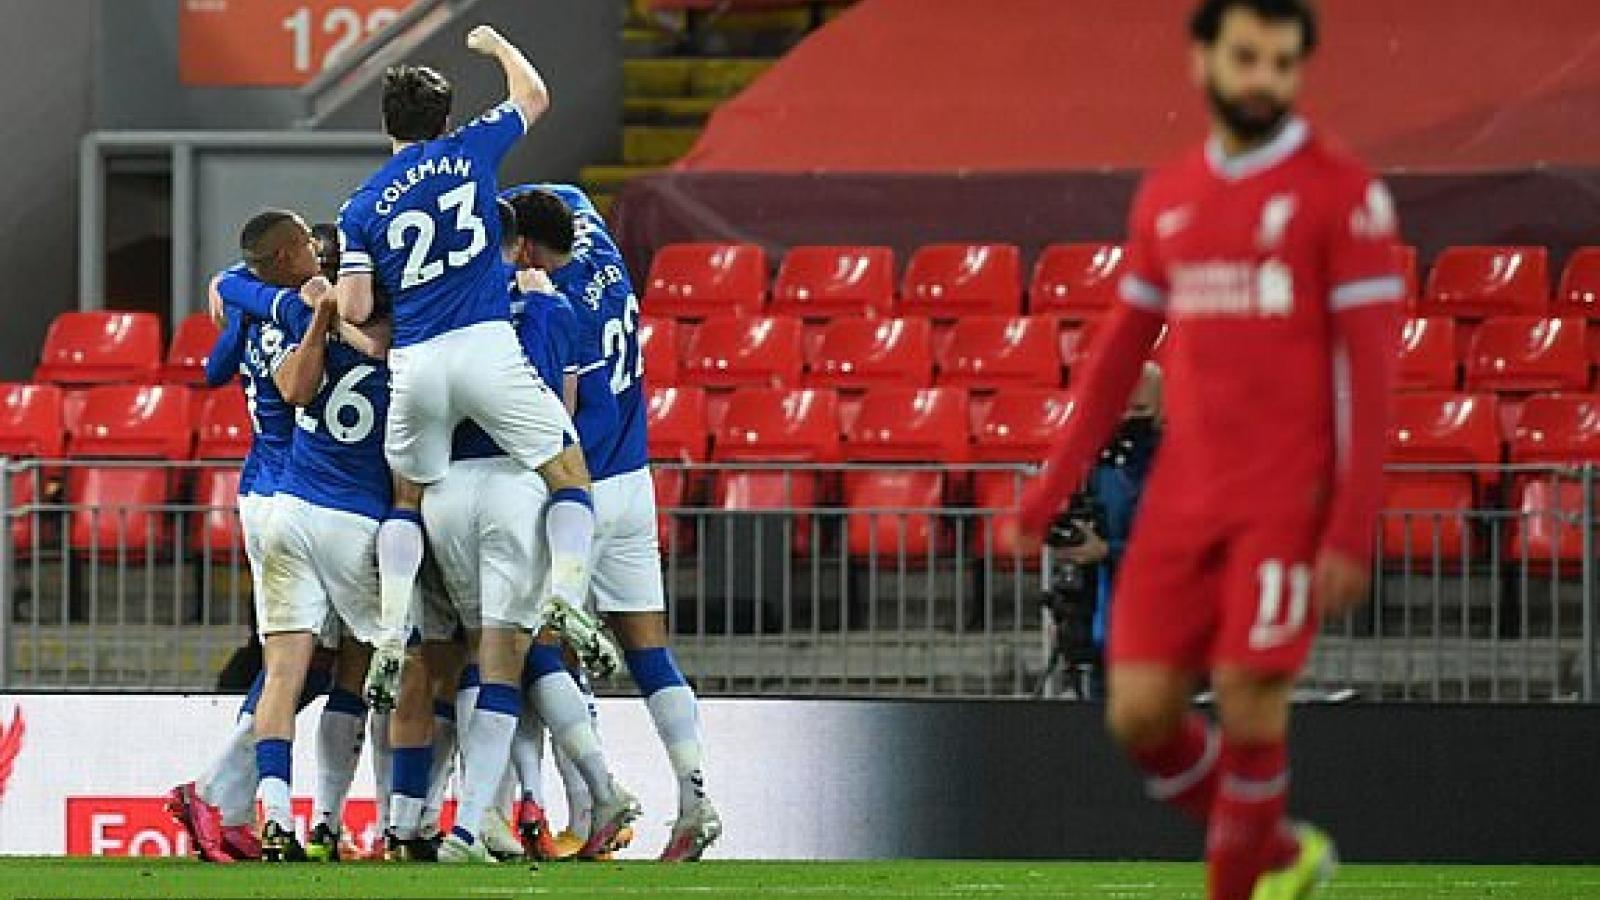 Thất thủ 0-2 trước Everton, Liverpool thua trận thứ 4 liên tiếp ở Ngoại hạng Anh